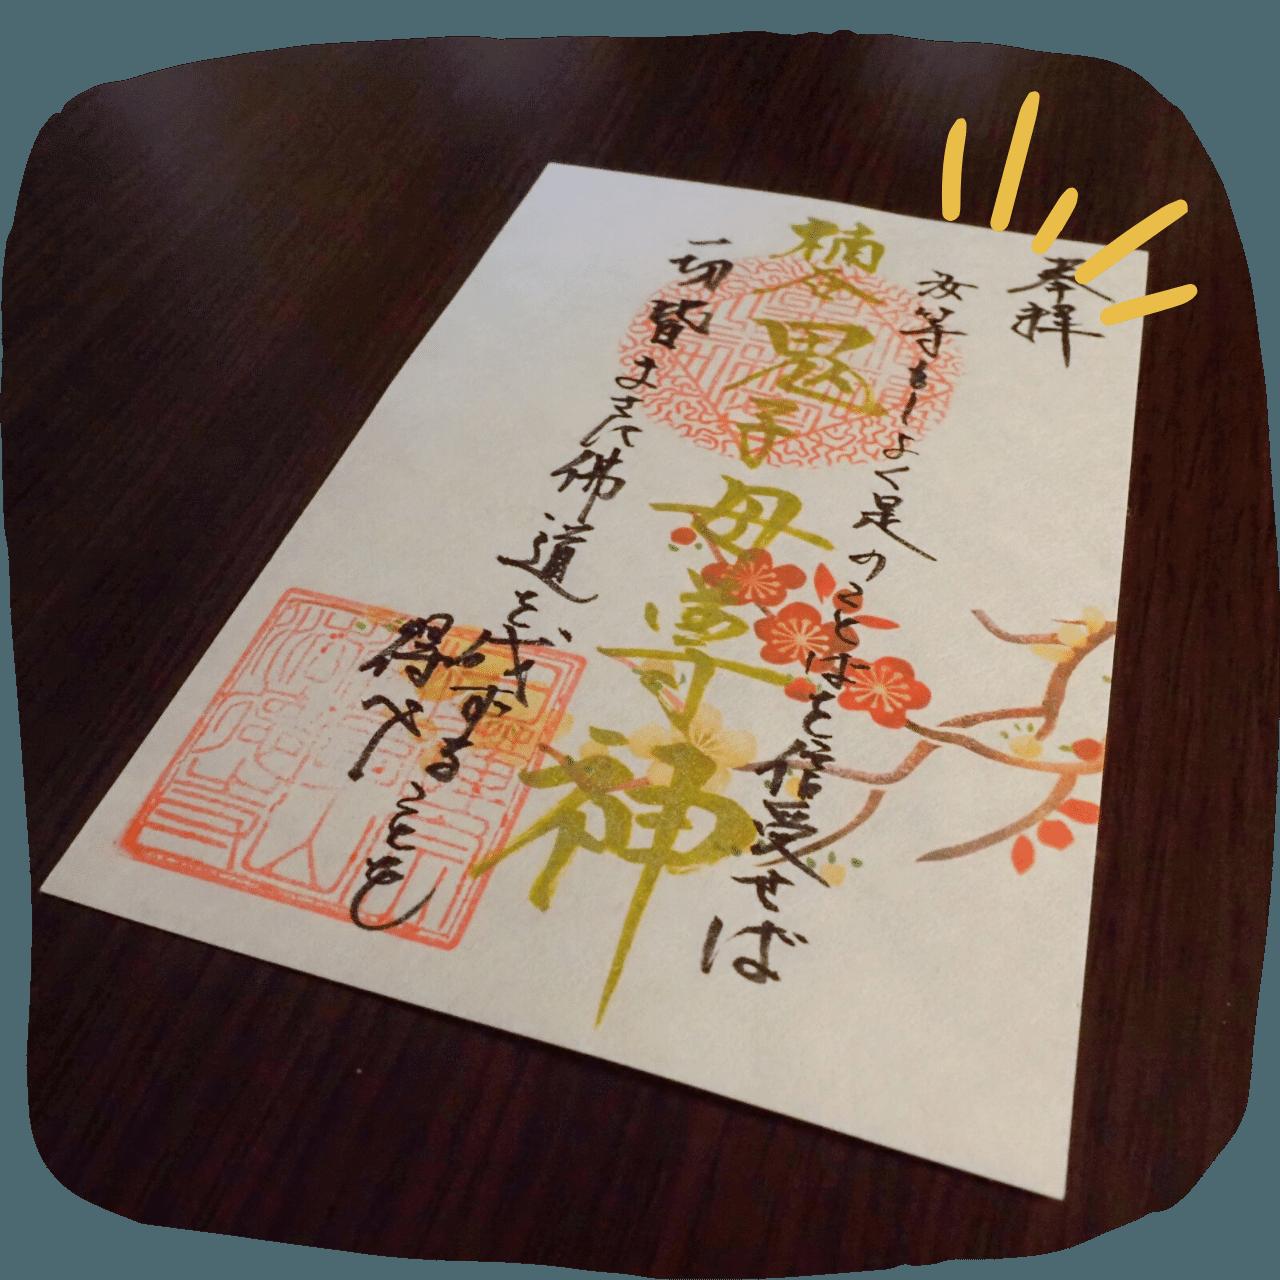 令和3年2月「鬼子母尊神 御朱印」金字限定御朱印―今回は、梅をあしらっております